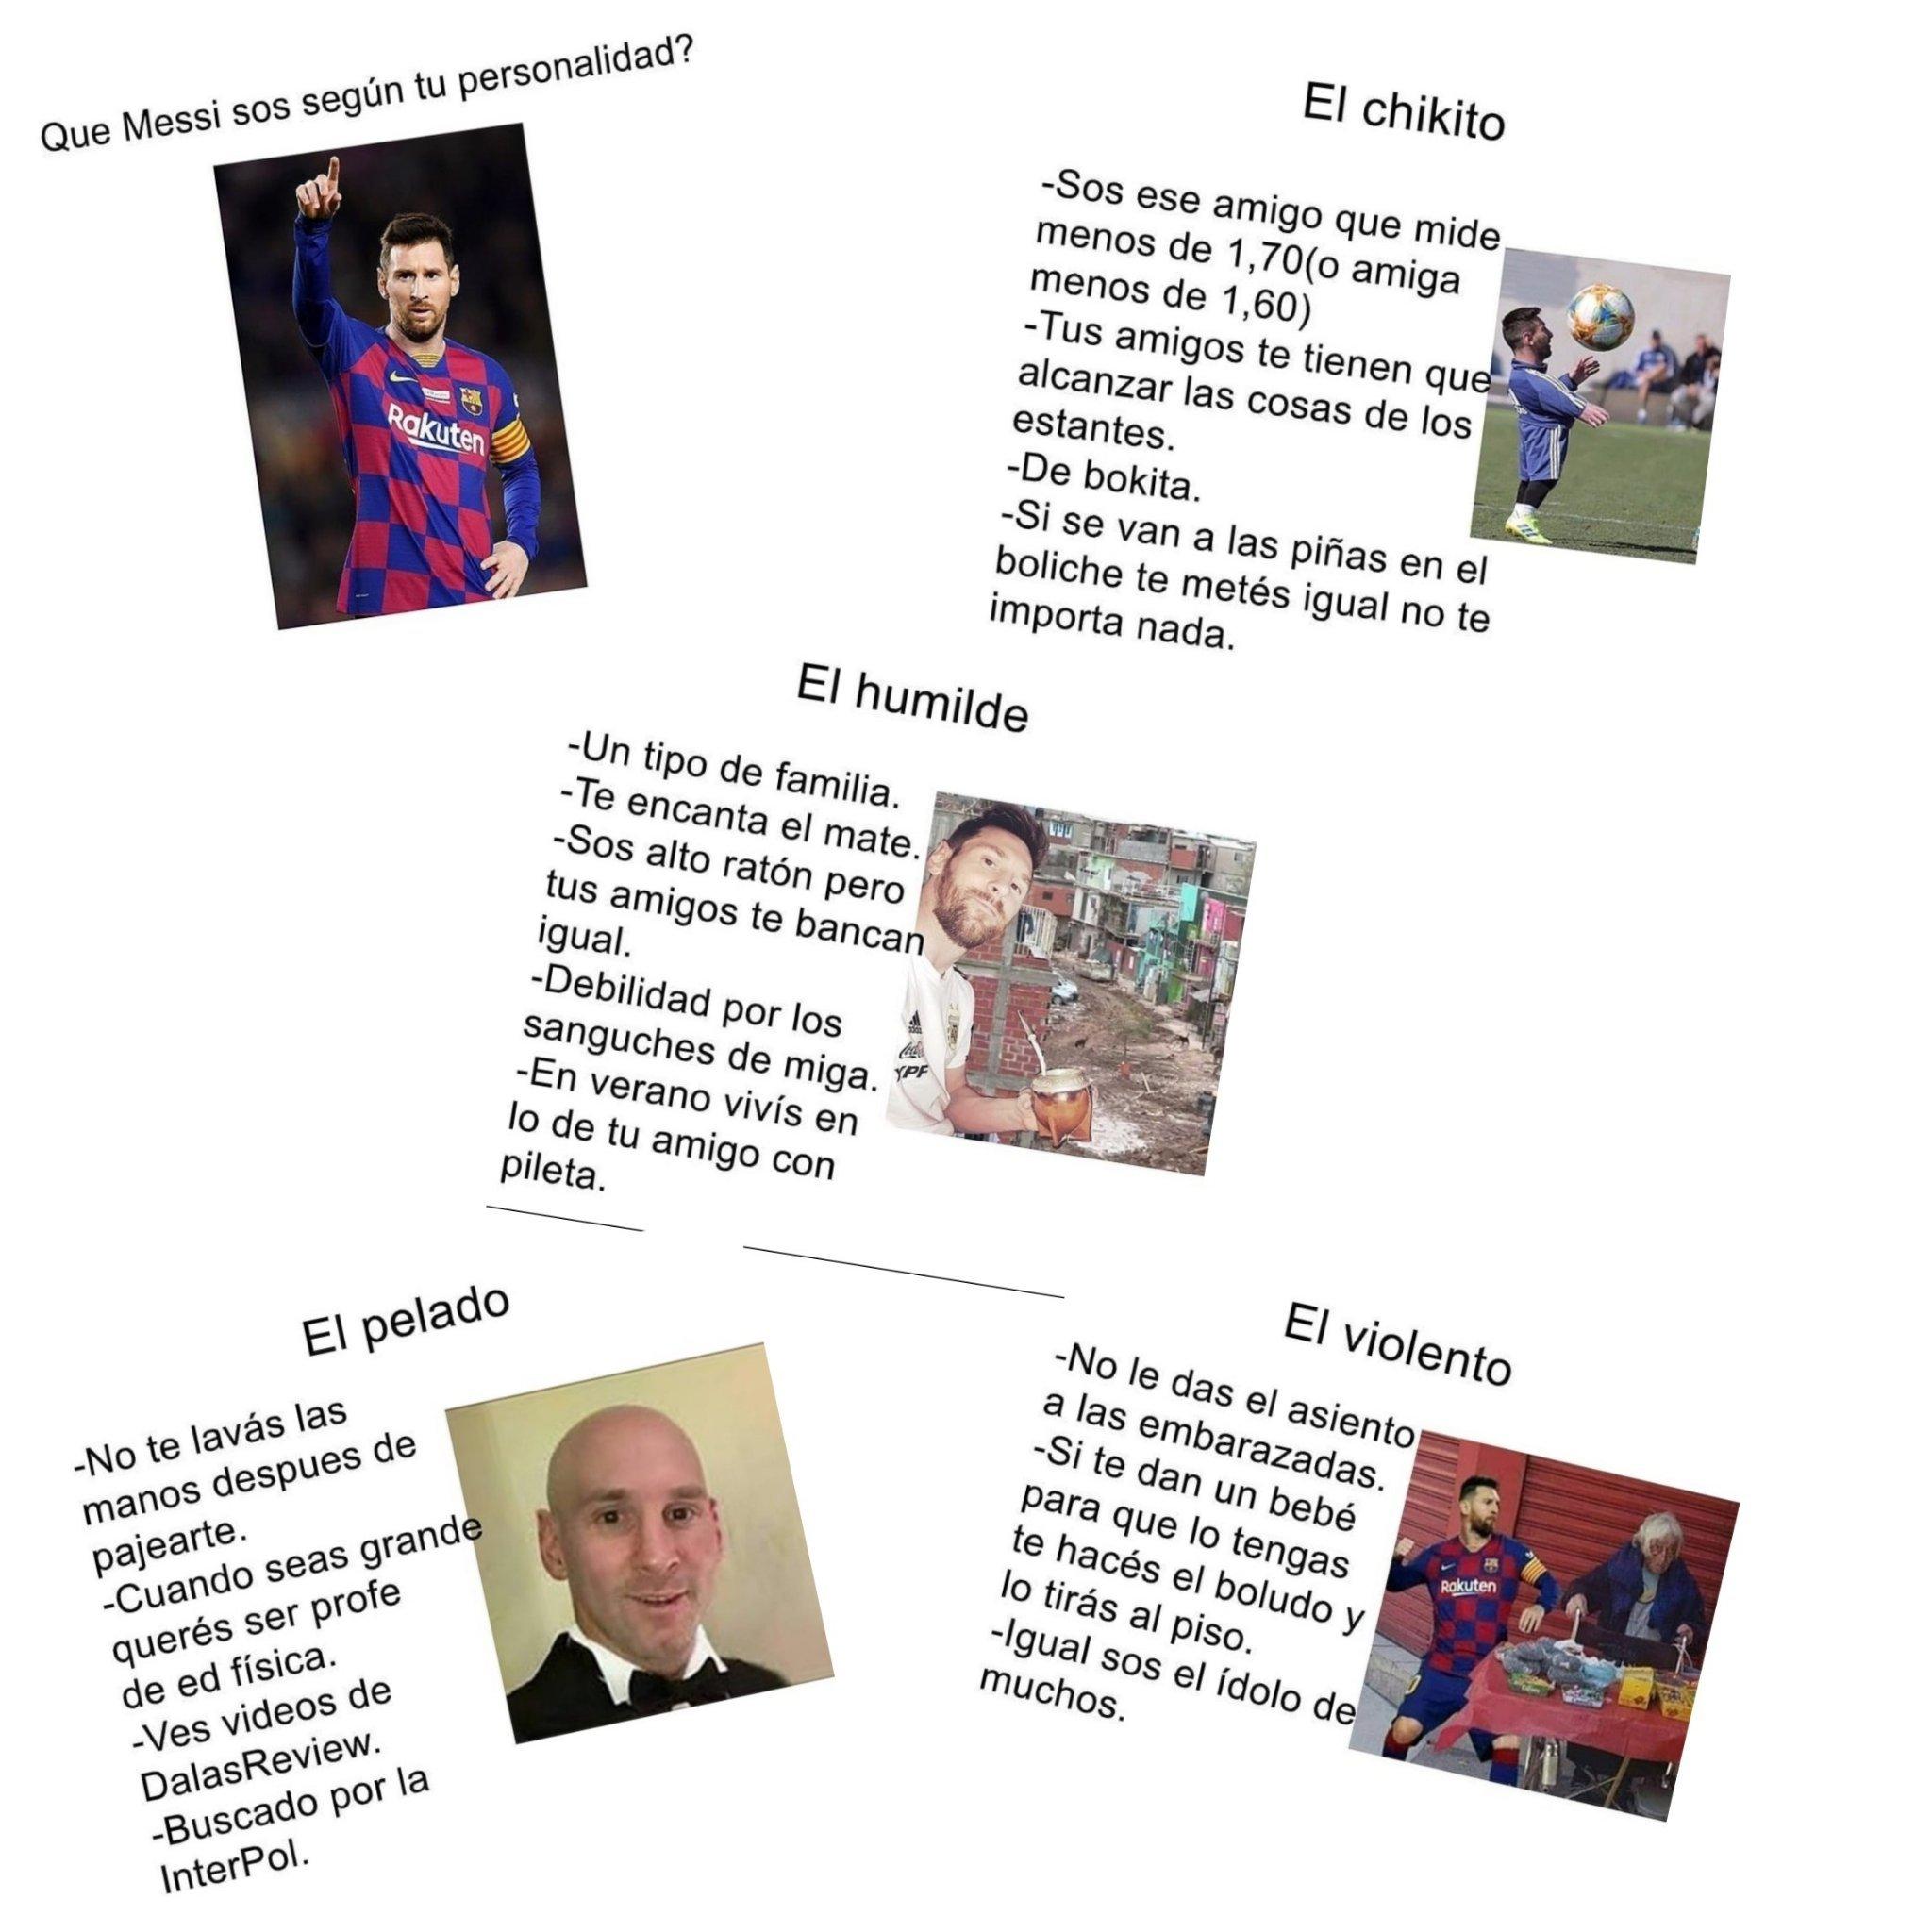 Me encantan estos memes argentinos xd